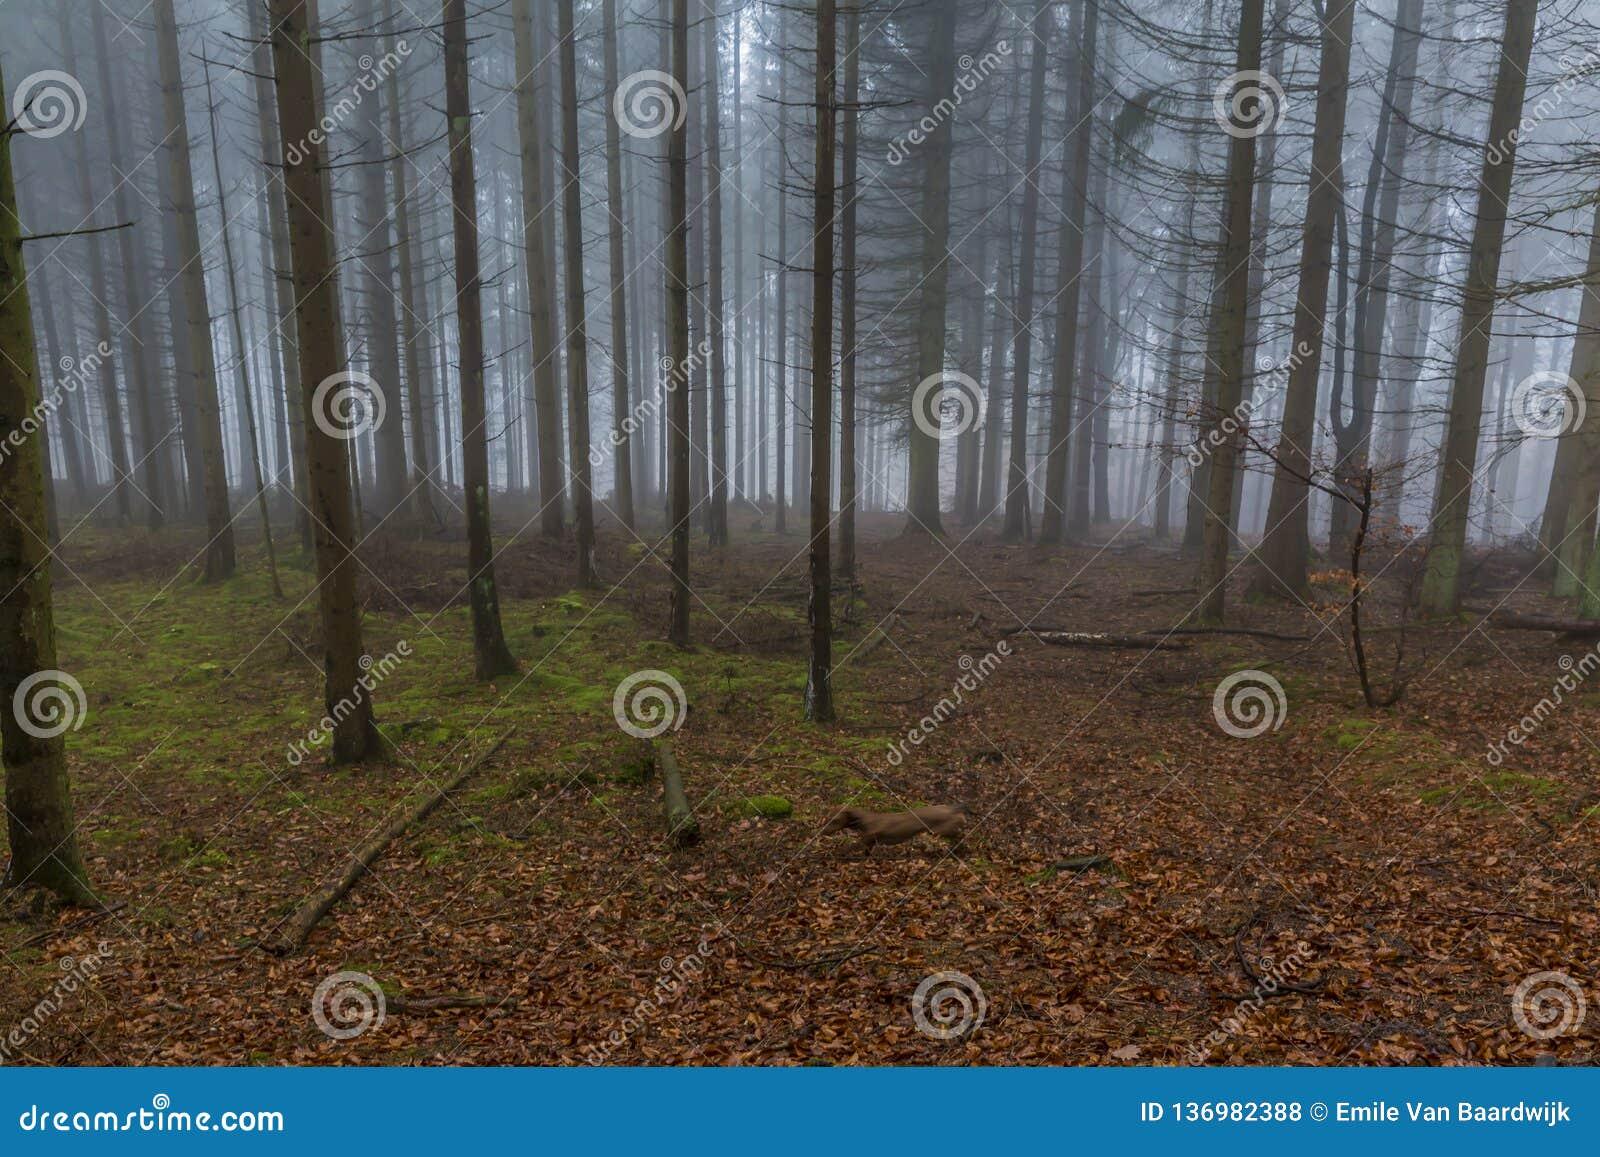 高松树的图象在有青苔和叶子的森林里在与很多雾的地面上